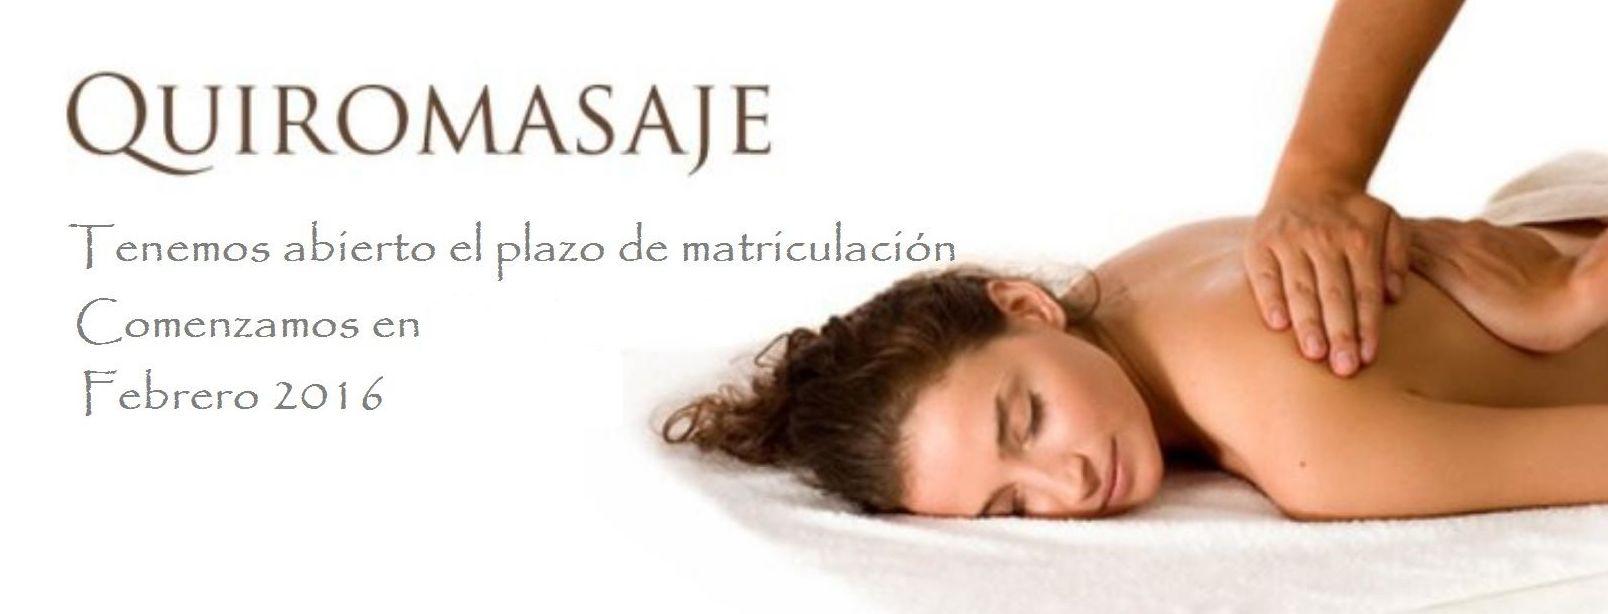 Curso de Quiromasaje, reserva tu plaza